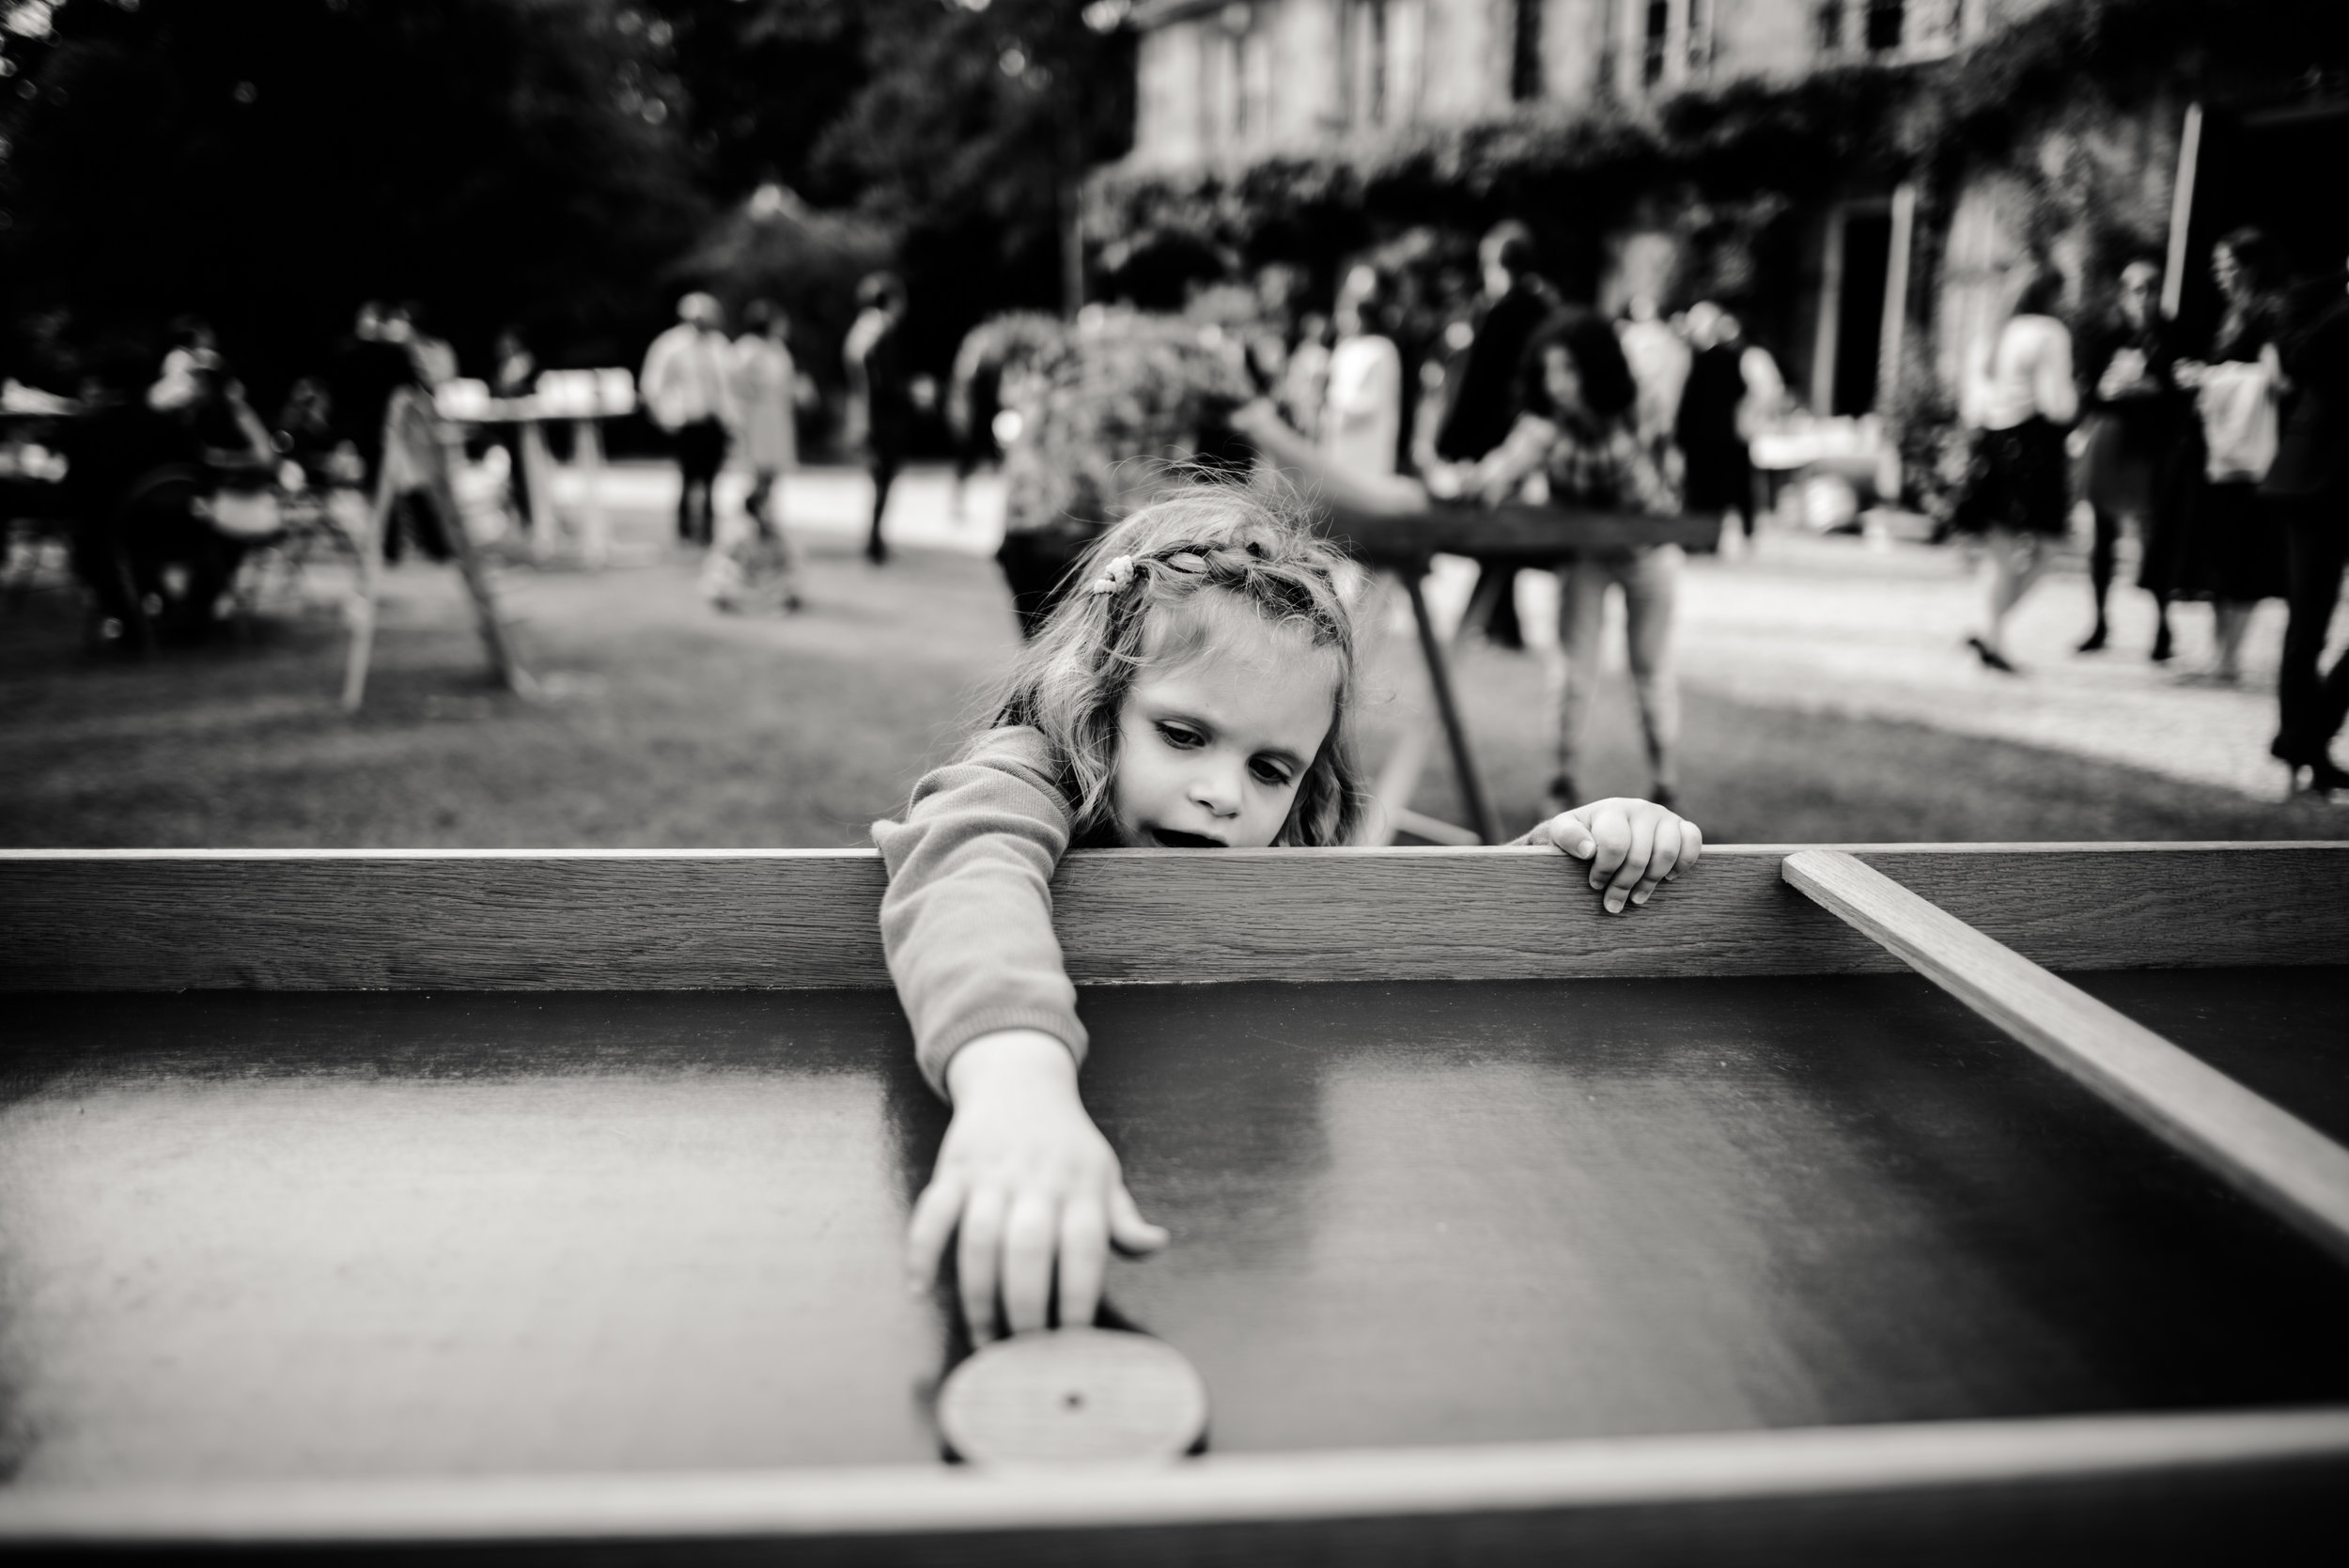 Léa-Fery-photographe-professionnel-lyon-rhone-alpes-portrait-creation-mariage-evenement-evenementiel-famille-2-195.jpg